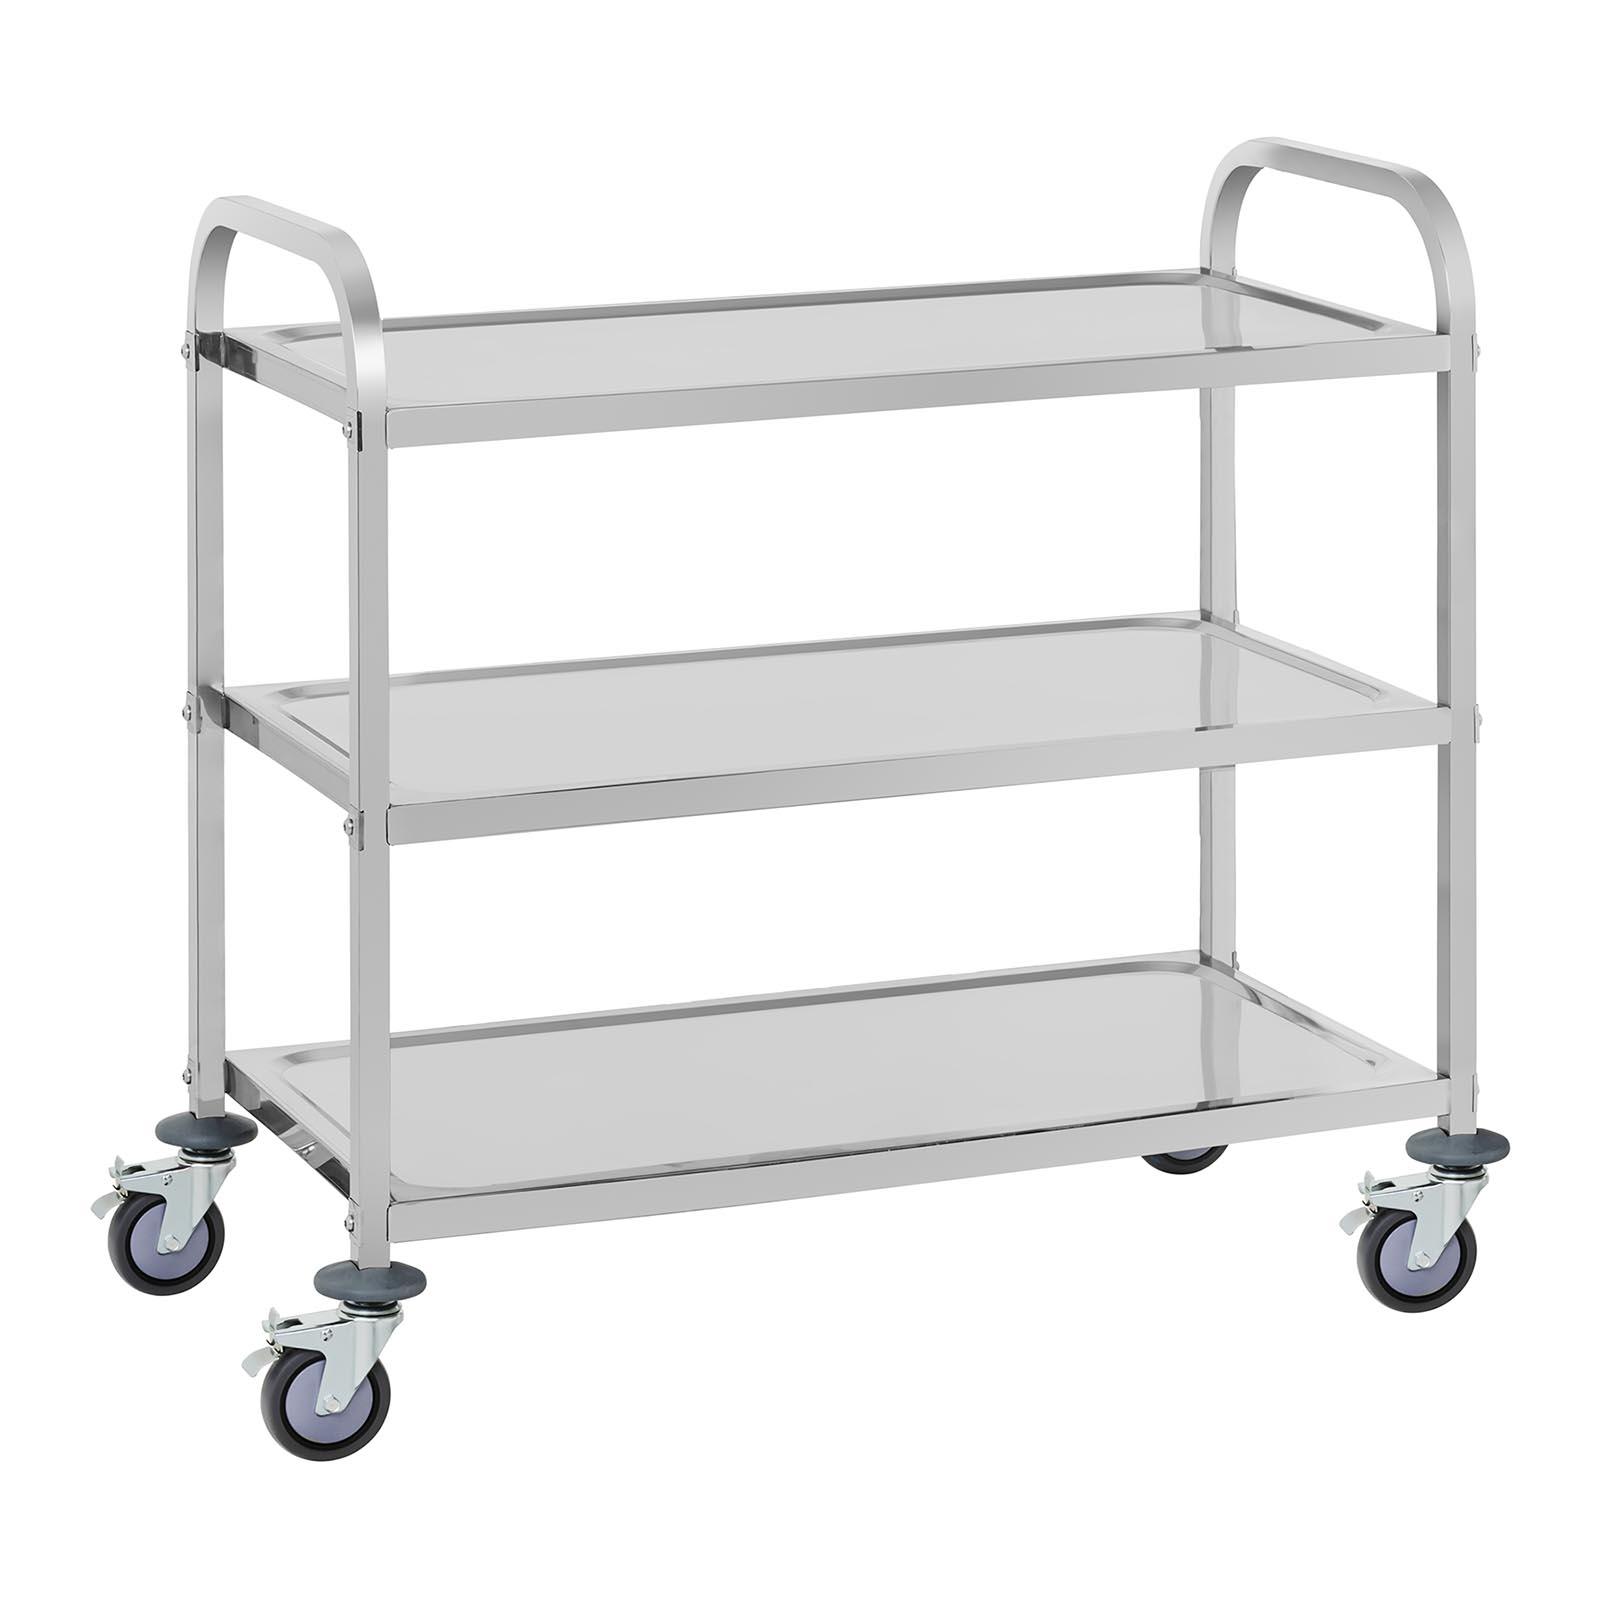 Serving trolley stainless steel kitchen trolley tea wagon for Tea trolley ikea